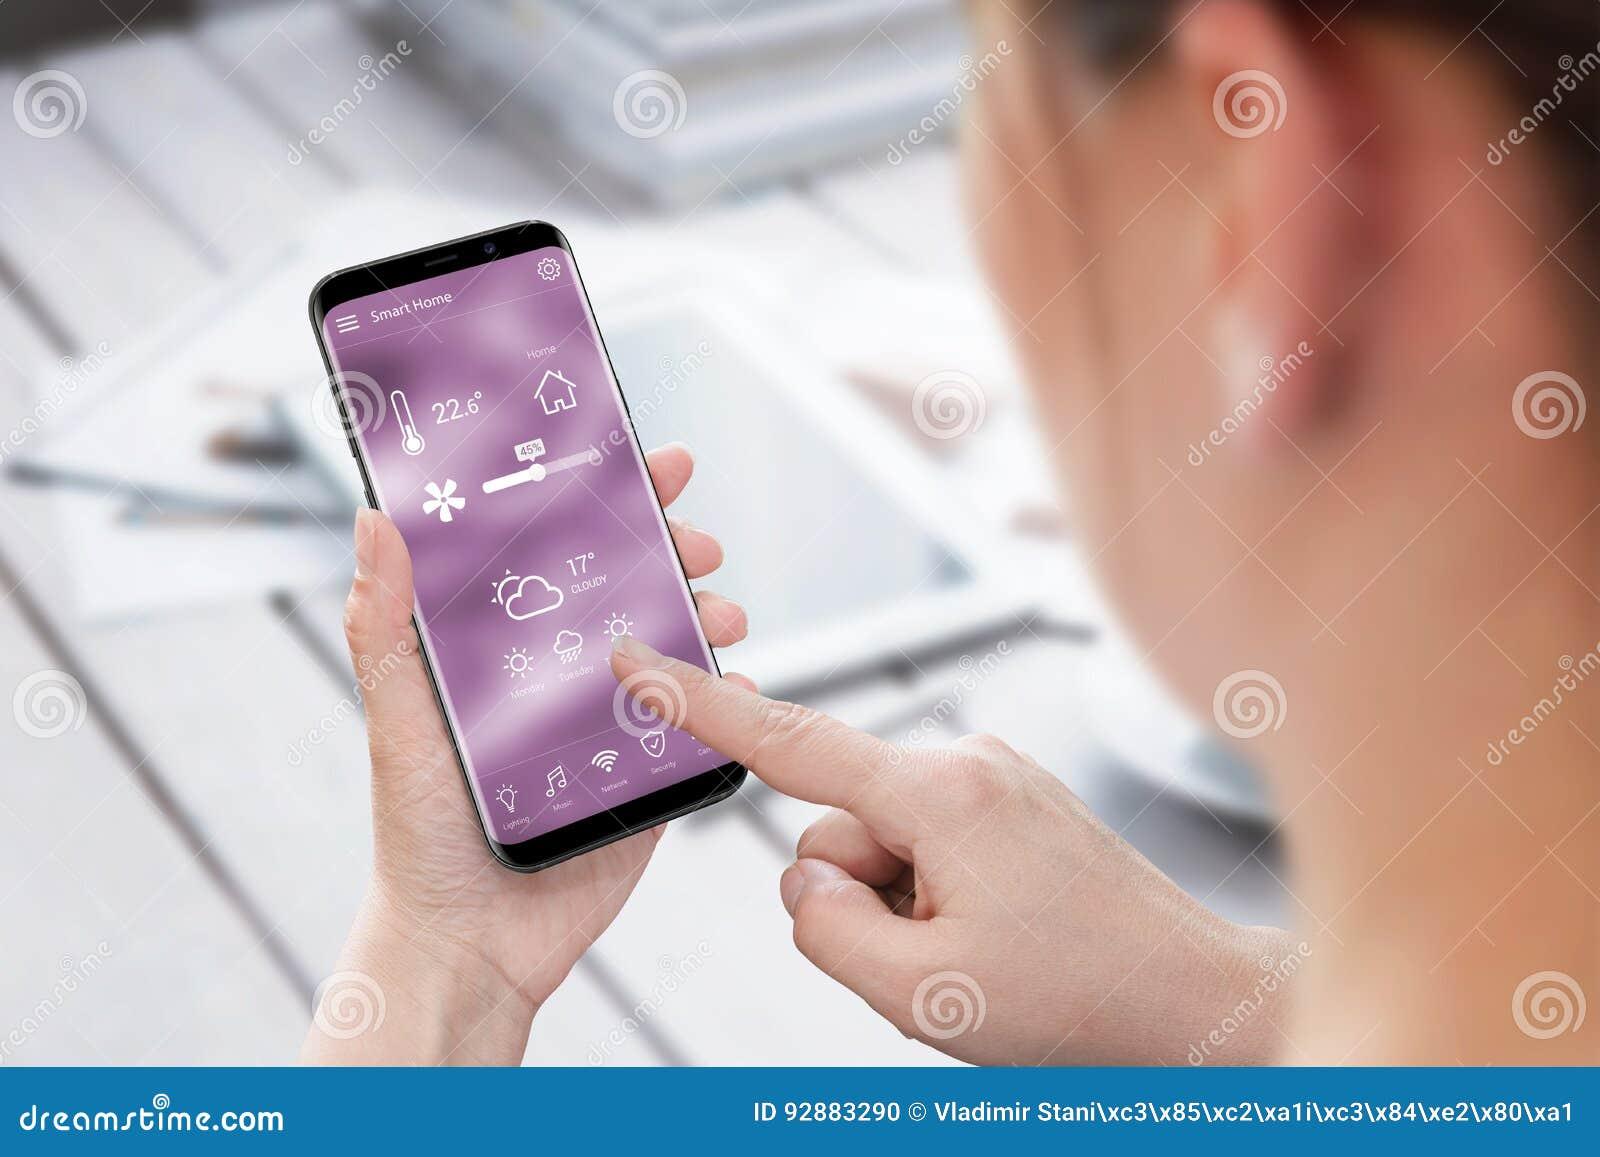 Control casero elegante app del uso de la mujer en el teléfono móvil